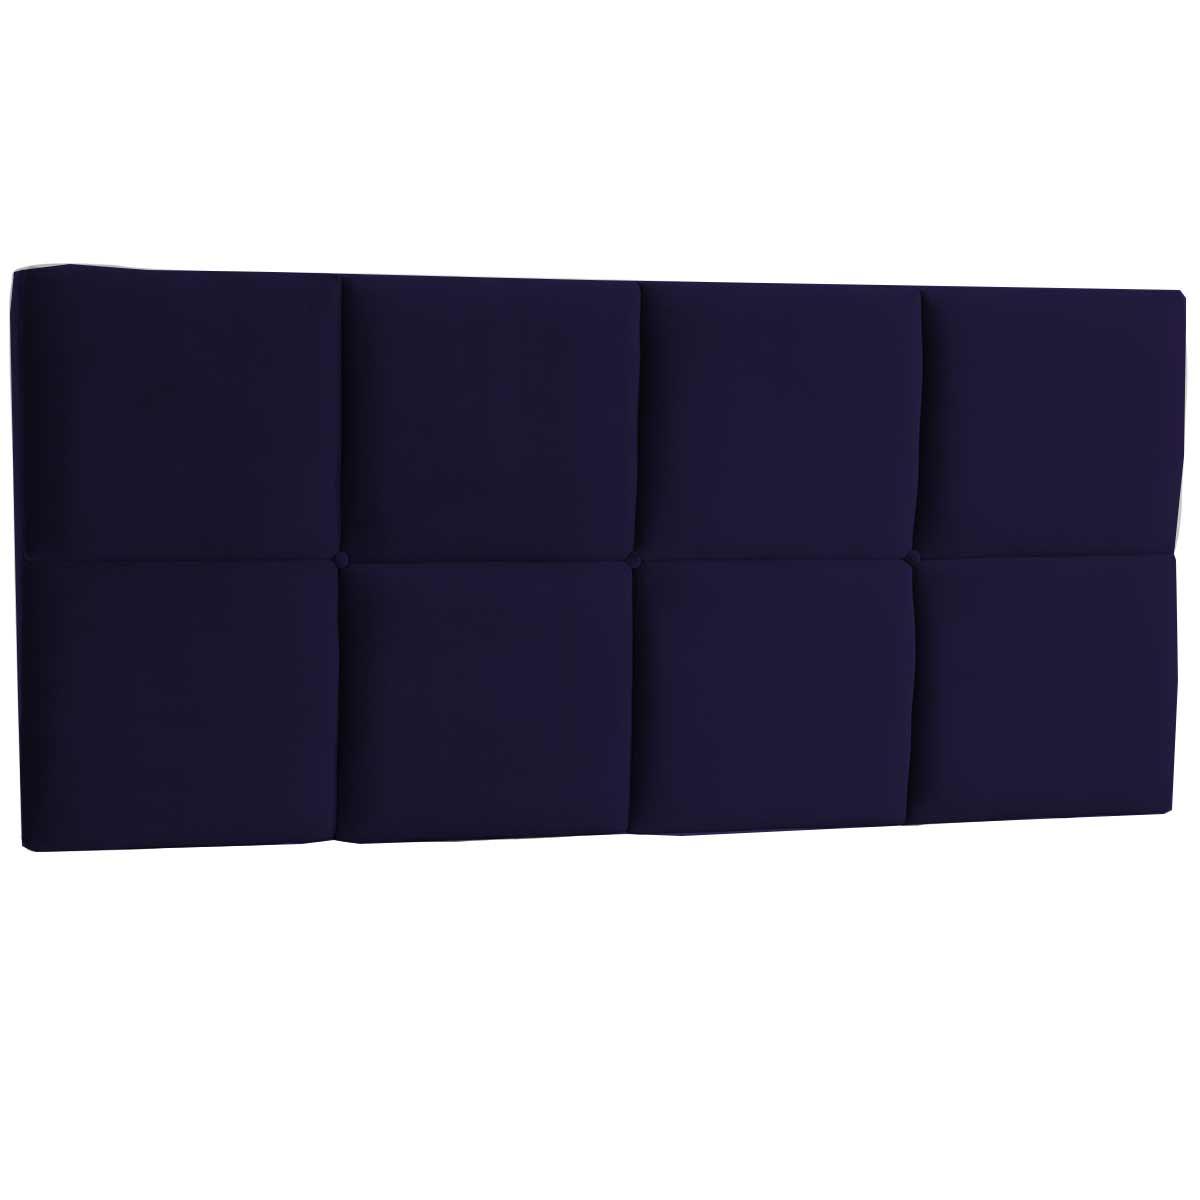 Cabeceira Painel Casal Estofada Poliana 140 cm Azul Marinho